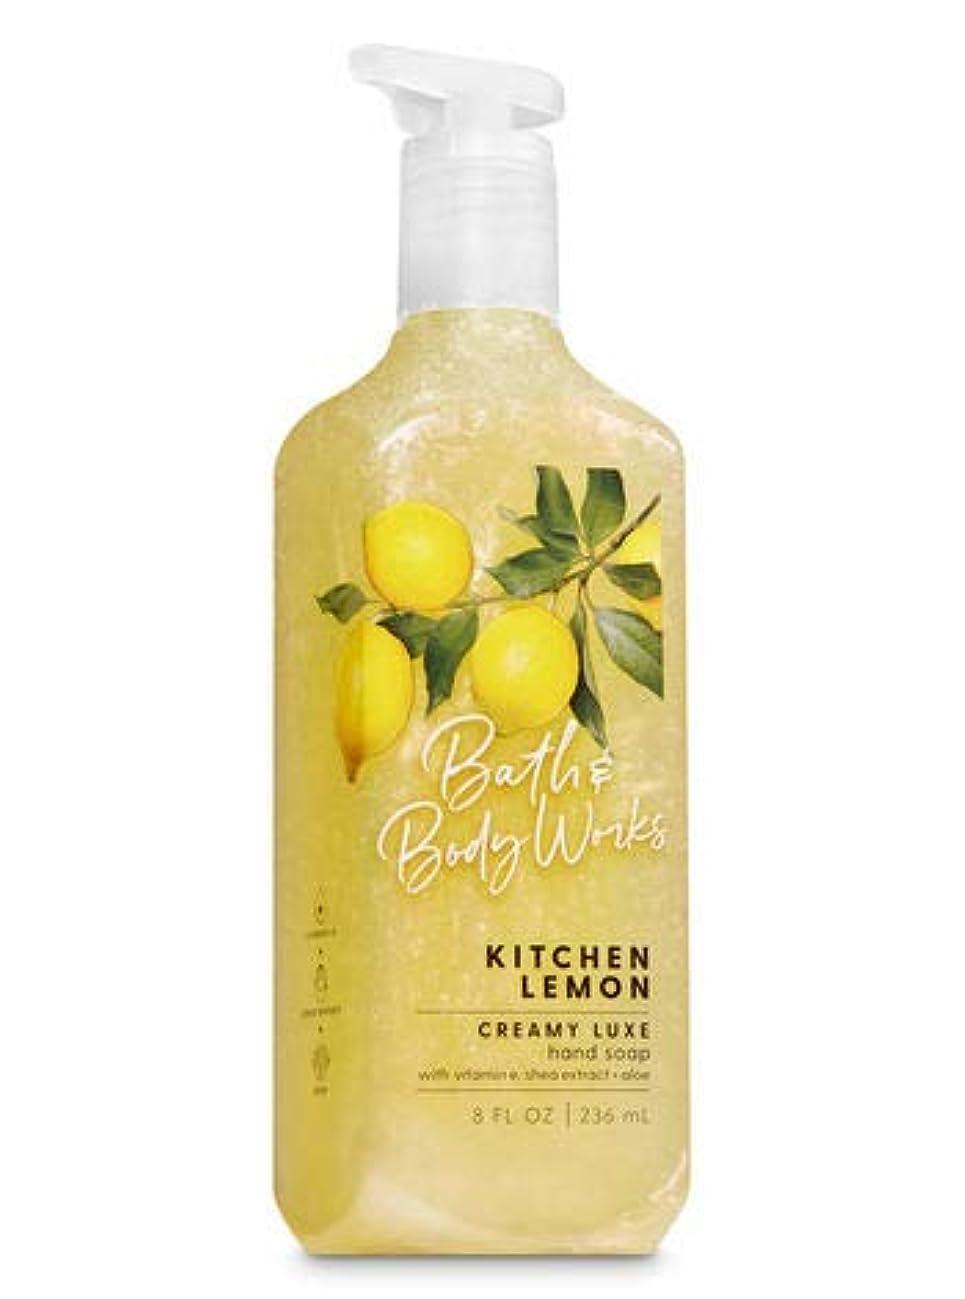 範囲皮肉依存するバス&ボディワークス キッチンレモン クリーミーハンドソープ Kitchen Lemon Creamy Luxe Hand Soap With Vitamine E Shea Extract + Aloe